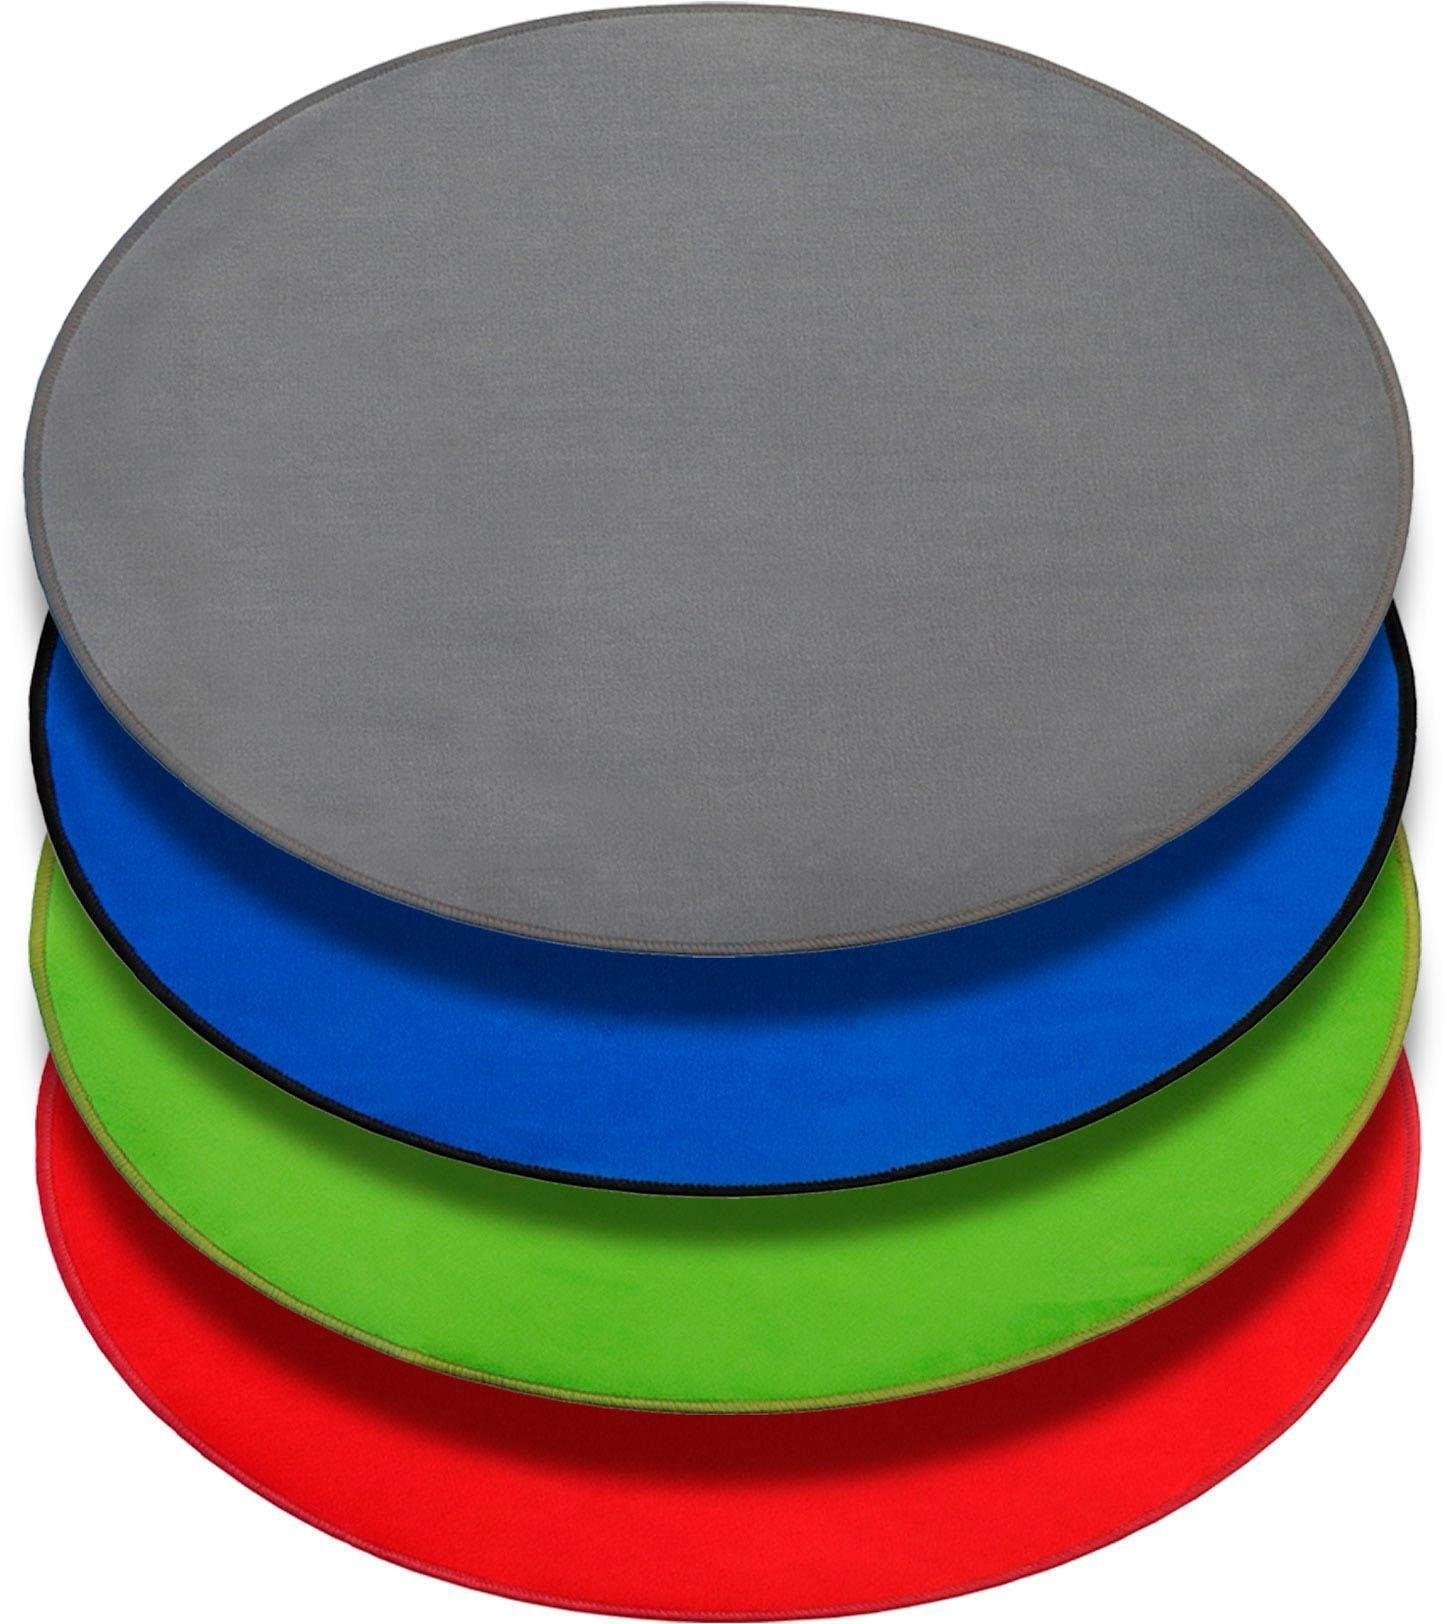 Primaflor-Ideen in Textil Kinderteppich SITZKREIS, rund, 5 mm Höhe, Spielteppich ideal im Kinderzimmer blau Kinder Spielteppiche Kinderteppiche Teppiche